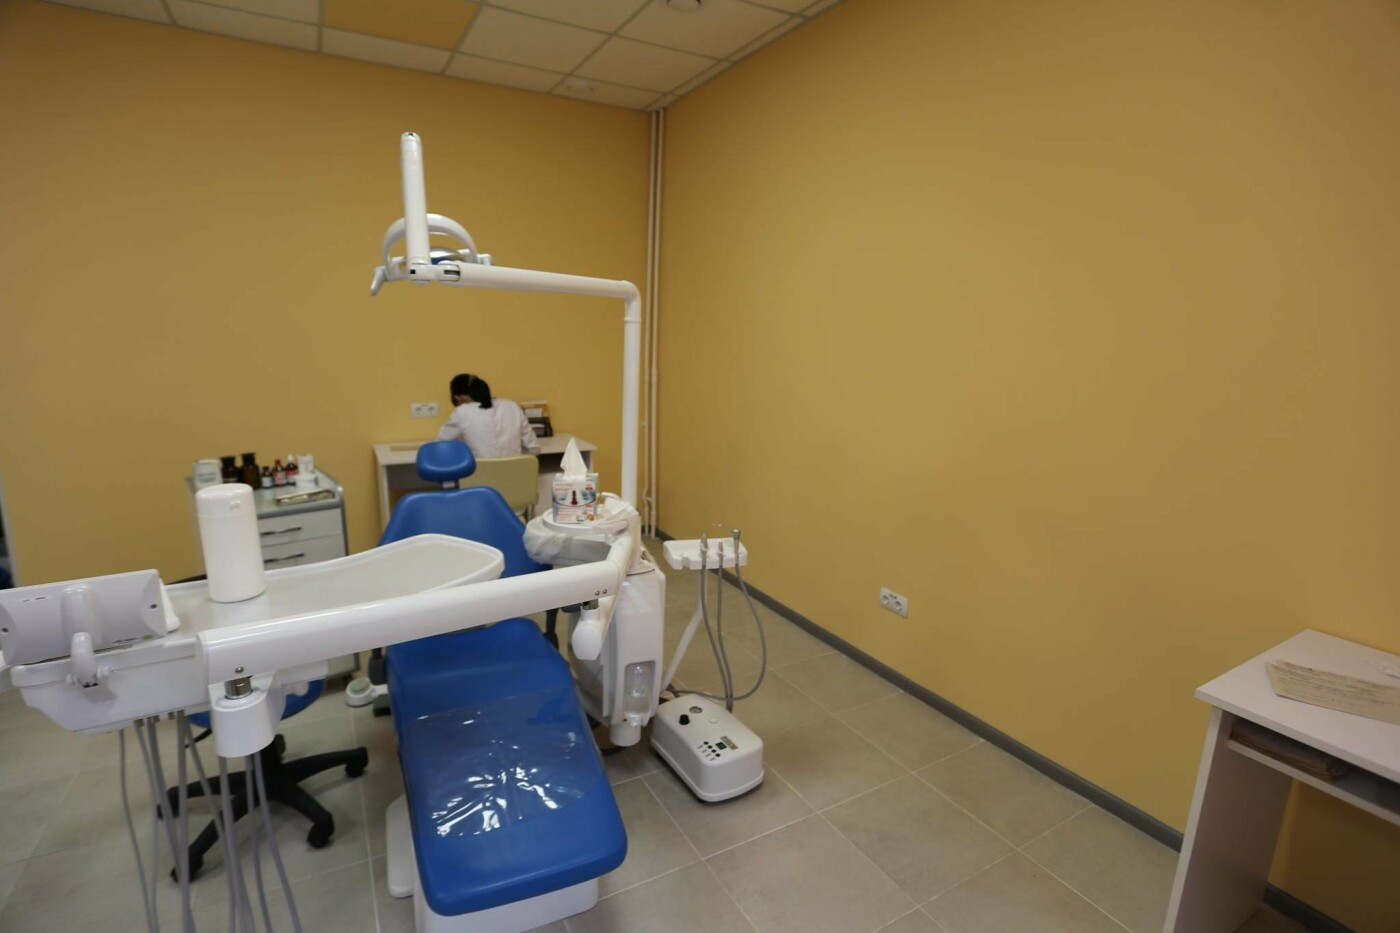 Міська дитяча стоматологія отримала нове приміщення та обладнання, фото-3